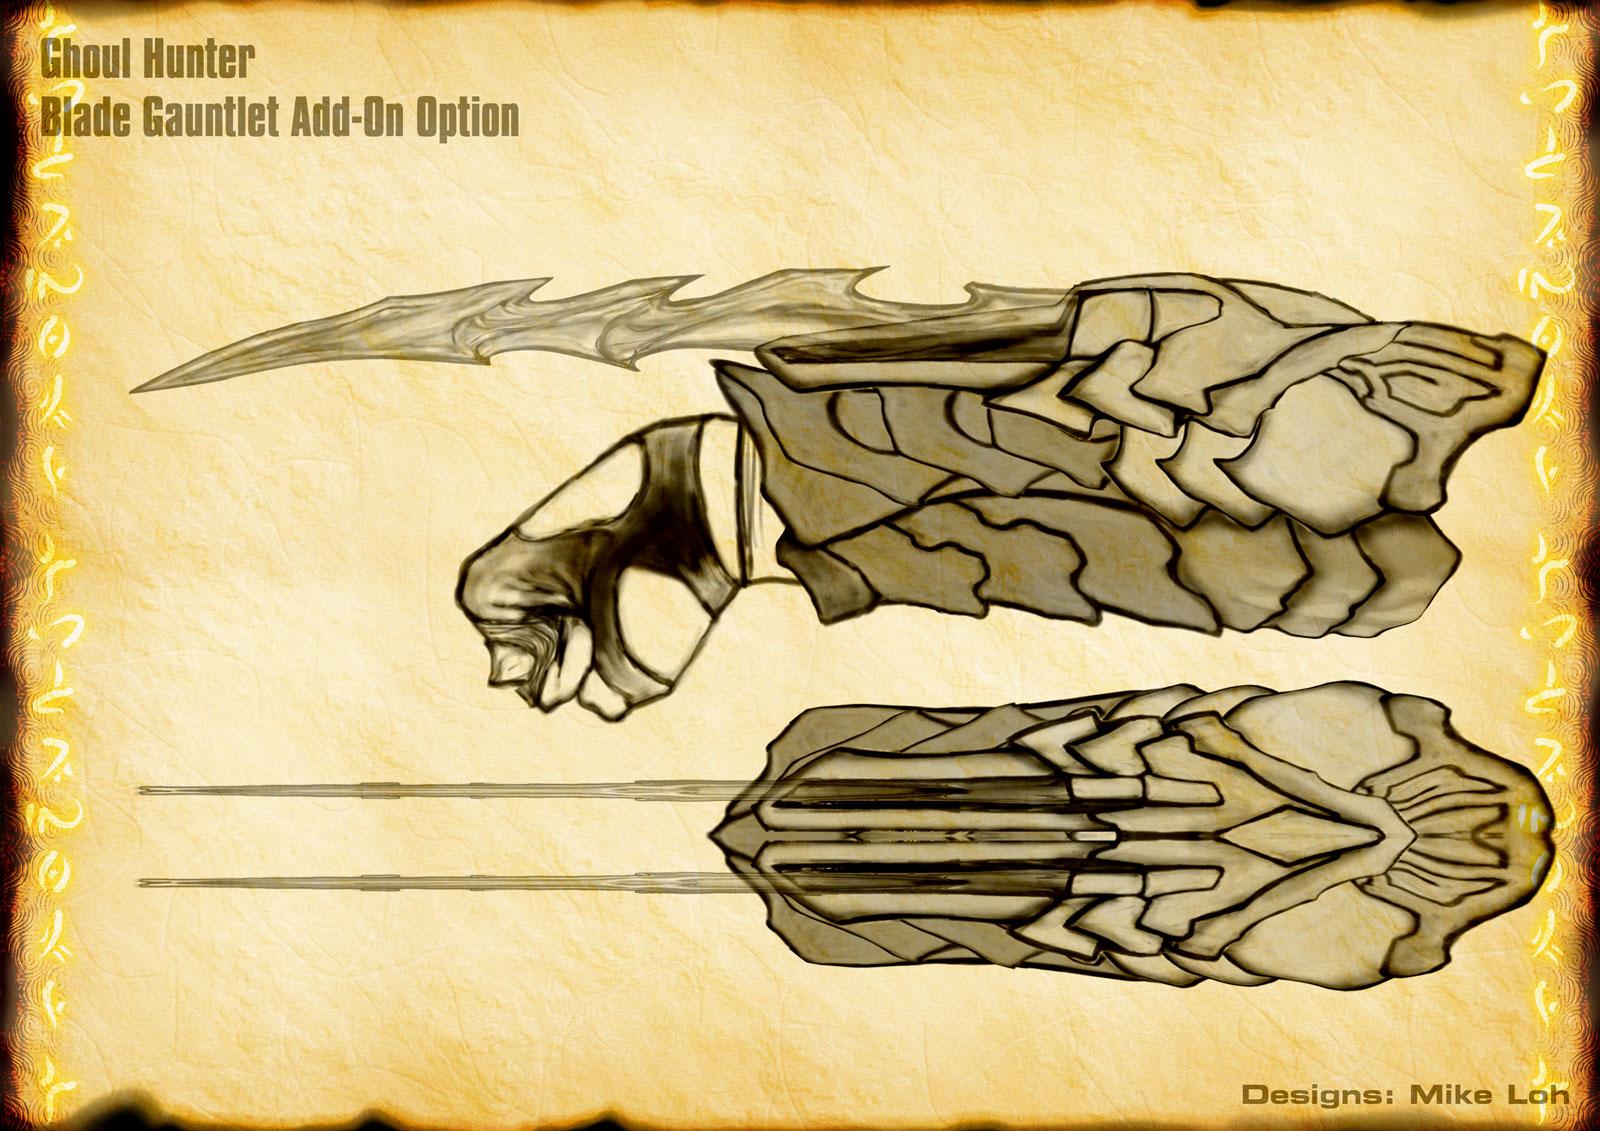 Rya Inertia (Major Wip) Ghoul_Armor_Blade_Gauntlet_by_MichaelLoh